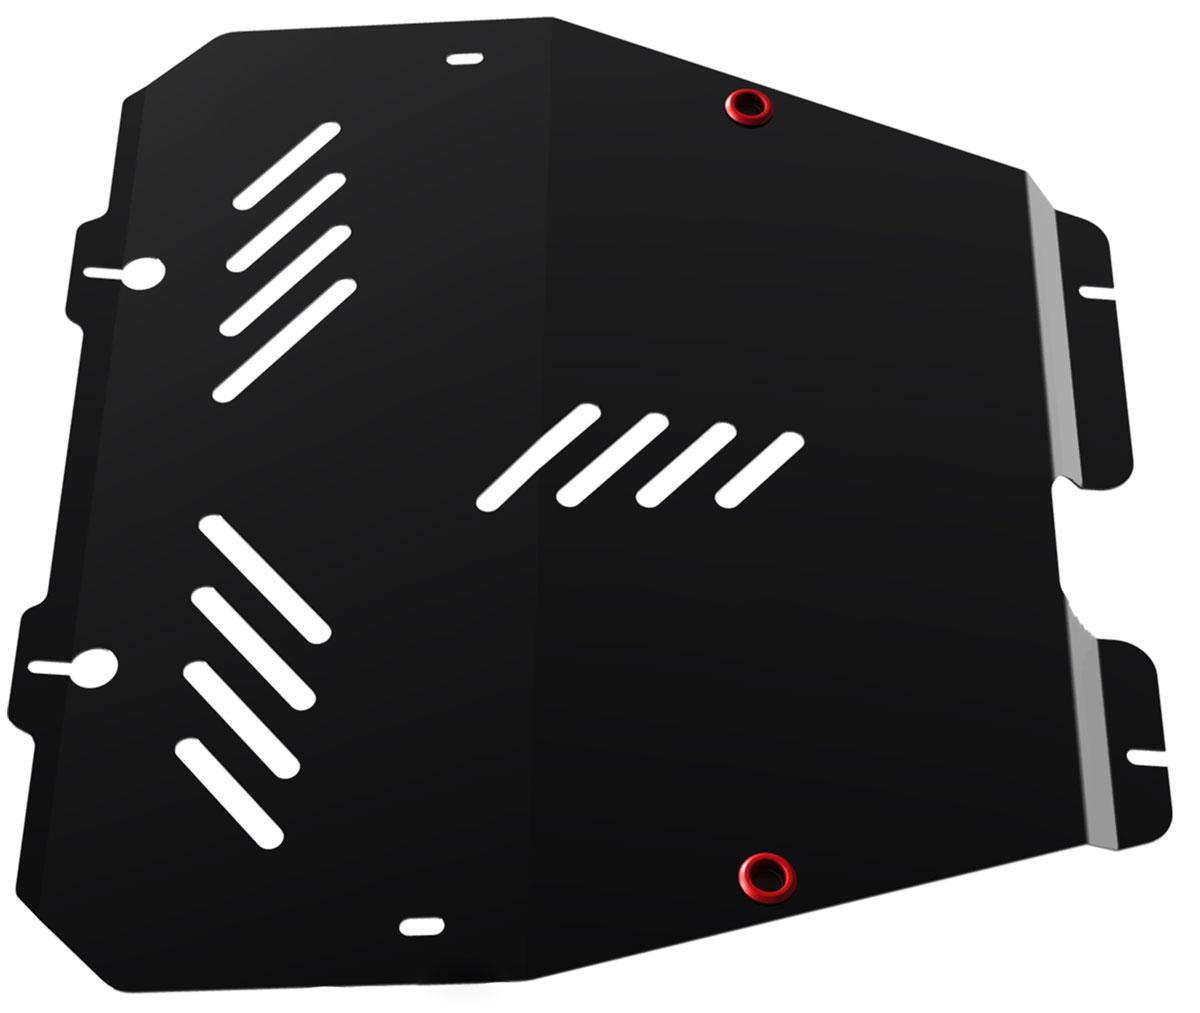 Защита картера и КПП Автоброня, для Opel Astra H/Zafira. 111.04201.2111.04201.2Технологически совершенный продукт за невысокую стоимость. Защита разработана с учетом особенностей днища автомобиля, что позволяет сохранить дорожный просвет с минимальным изменением. Защита устанавливается в штатные места кузова автомобиля. Глубокий штамп обеспечивает до двух раз больше жесткости в сравнении с обычной защитой той же толщины. Проштампованные ребра жесткости препятствуют деформации защиты при ударах. Тепловой зазор и вентиляционные отверстия обеспечивают сохранение температурного режима двигателя в норме. Скрытый крепеж предотвращает срыв крепежных элементов при наезде на препятствие. Шумопоглощающие резиновые элементы обеспечивают комфортную езду без вибраций и скрежета металла, а съемные лючки для слива масла и замены фильтра - экономию средств и время. Конструкция изделия не влияет на пассивную безопасность автомобиля (при ударе защита не воздействует на деформационные зоны кузова). Со штатным крепежом. В комплекте инструкция по...